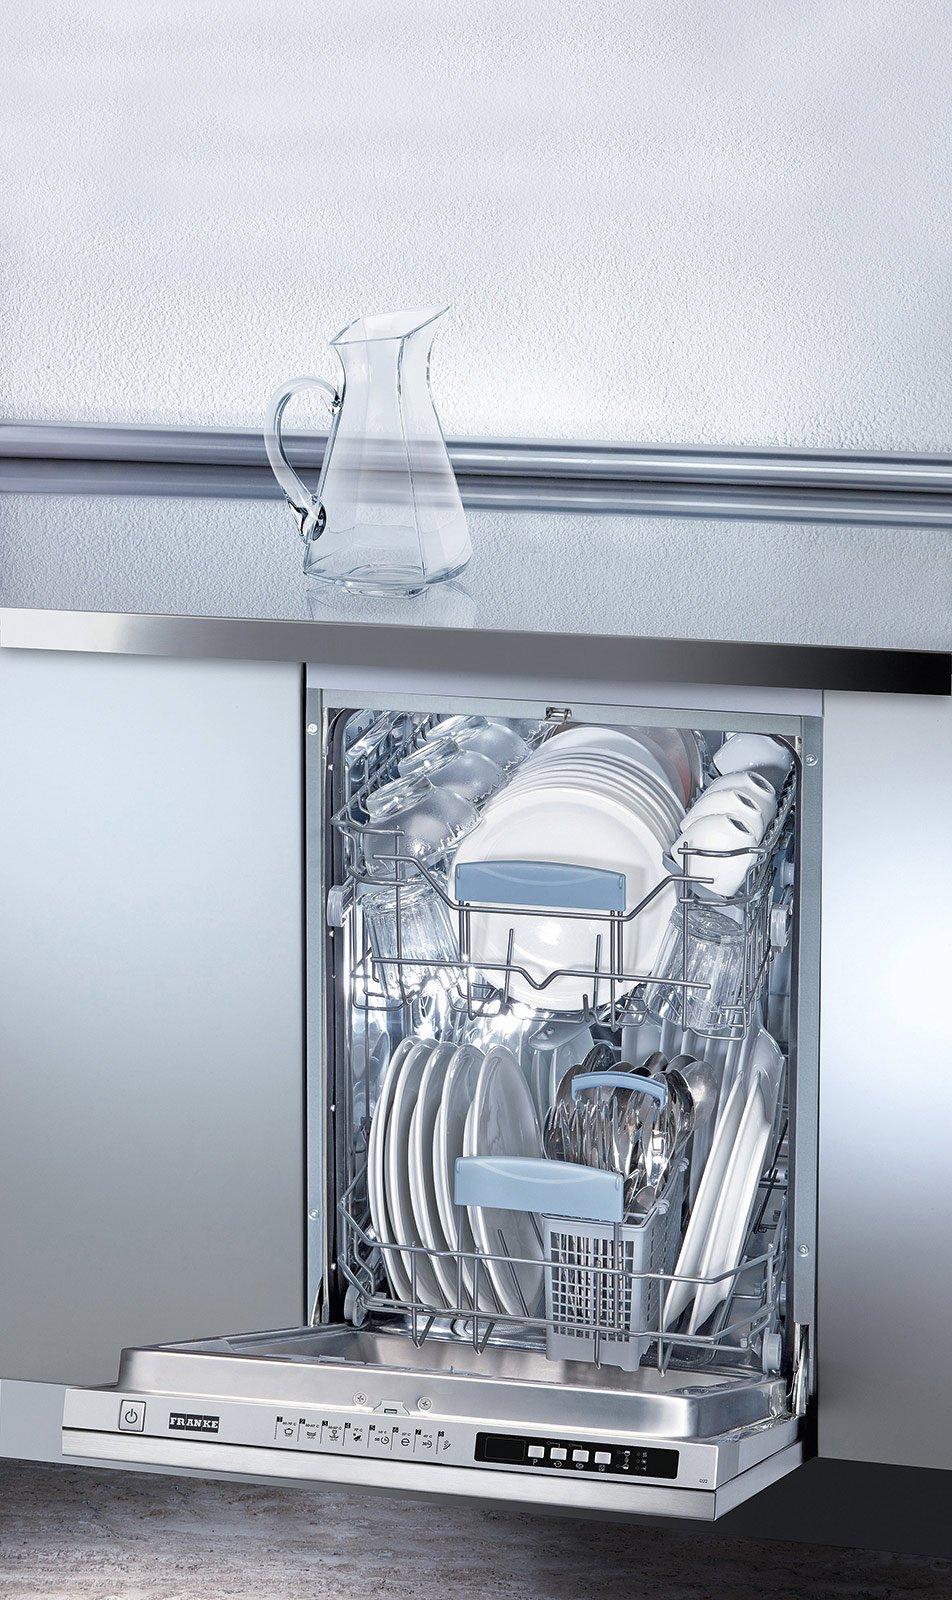 Lavastoviglie piccole per risparmiare spazio e consumi for Lavastoviglie incasso misure